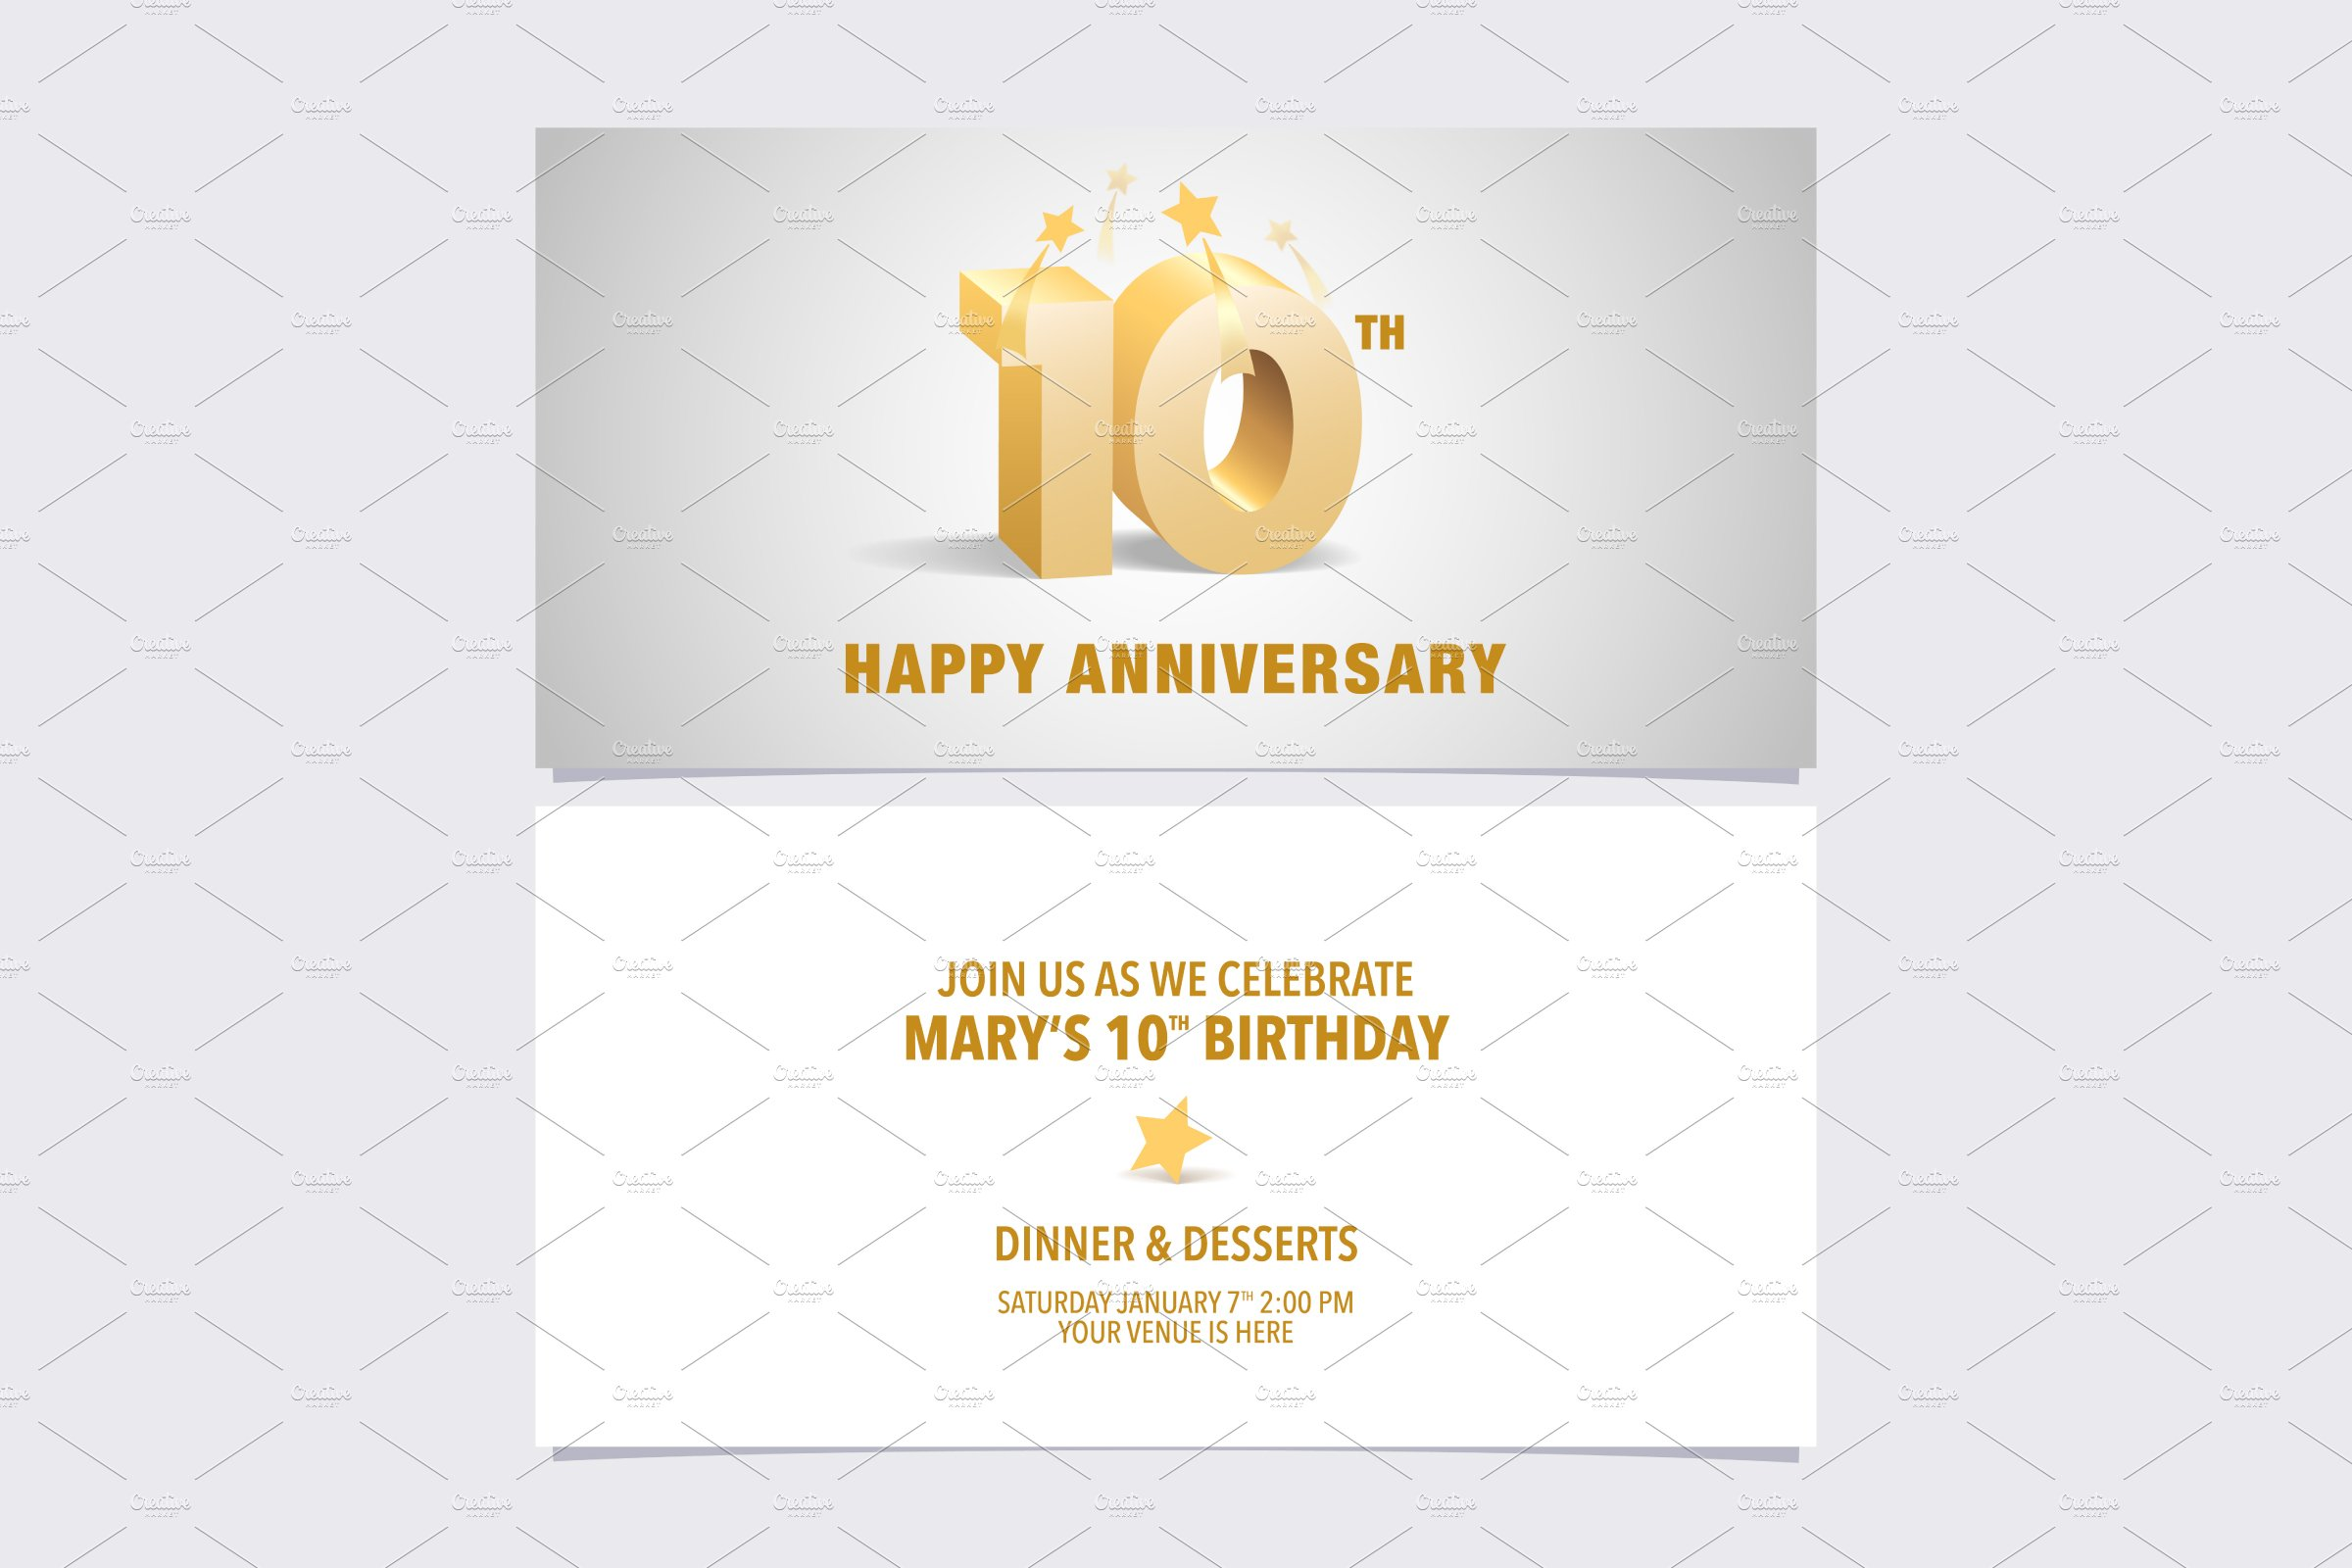 10th Anniversary Invitation Vector